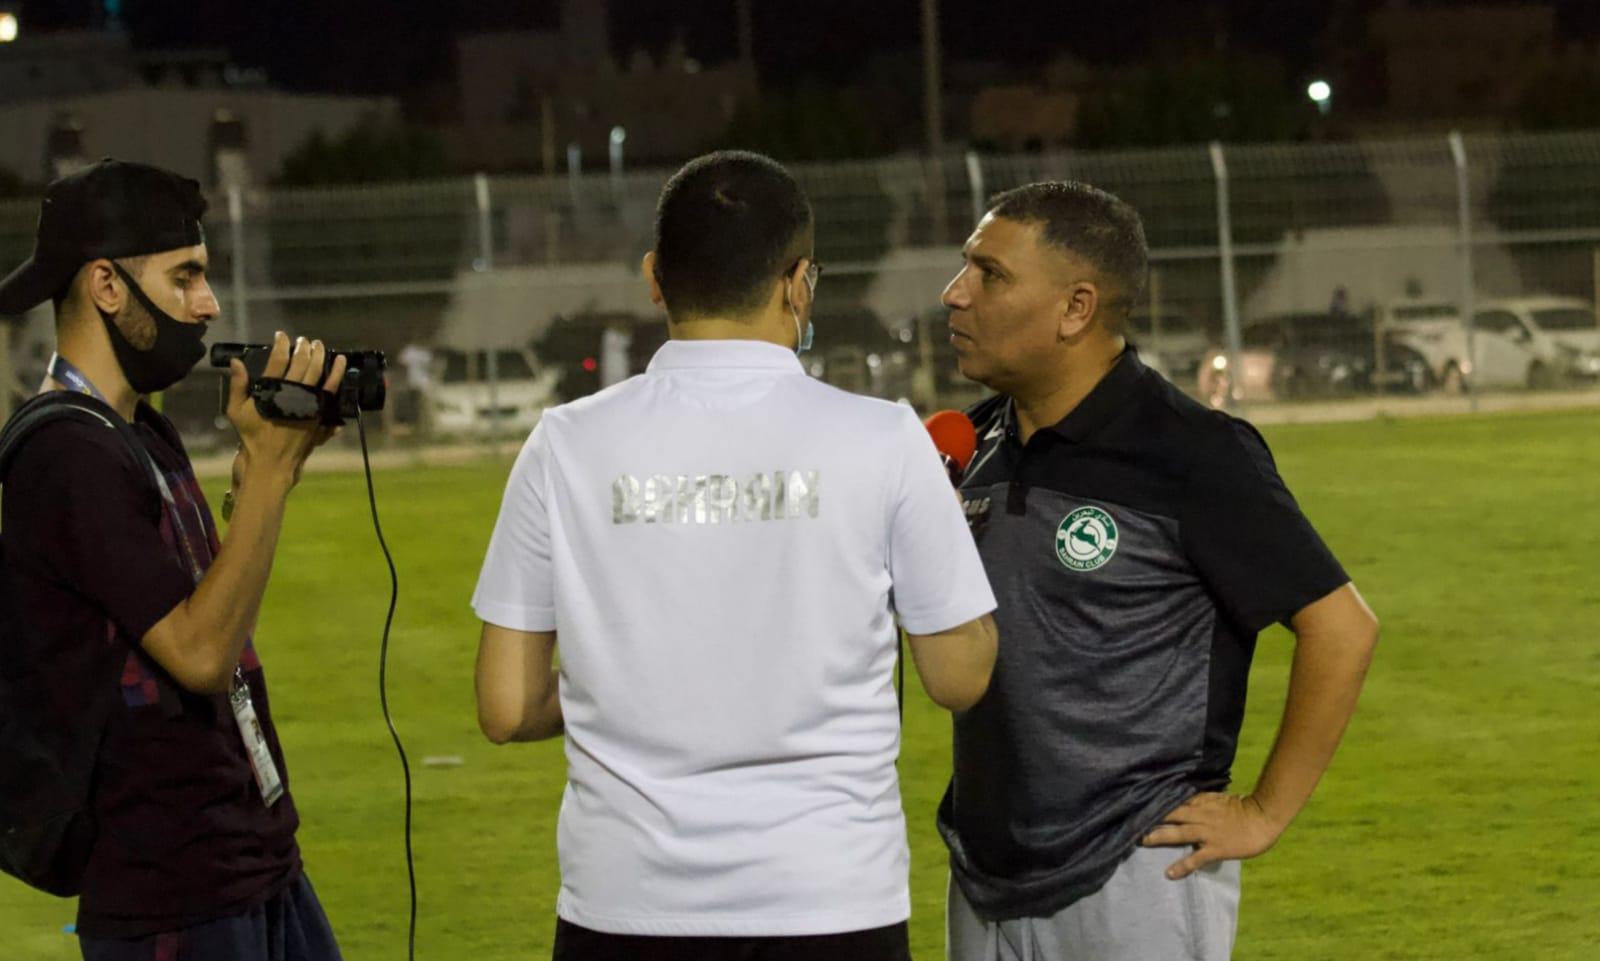 الإطار المراكشي الغفلاوي يبصم على بداية موفقة مع فريق الغزالة البحريني في أول تجربة بالخليج